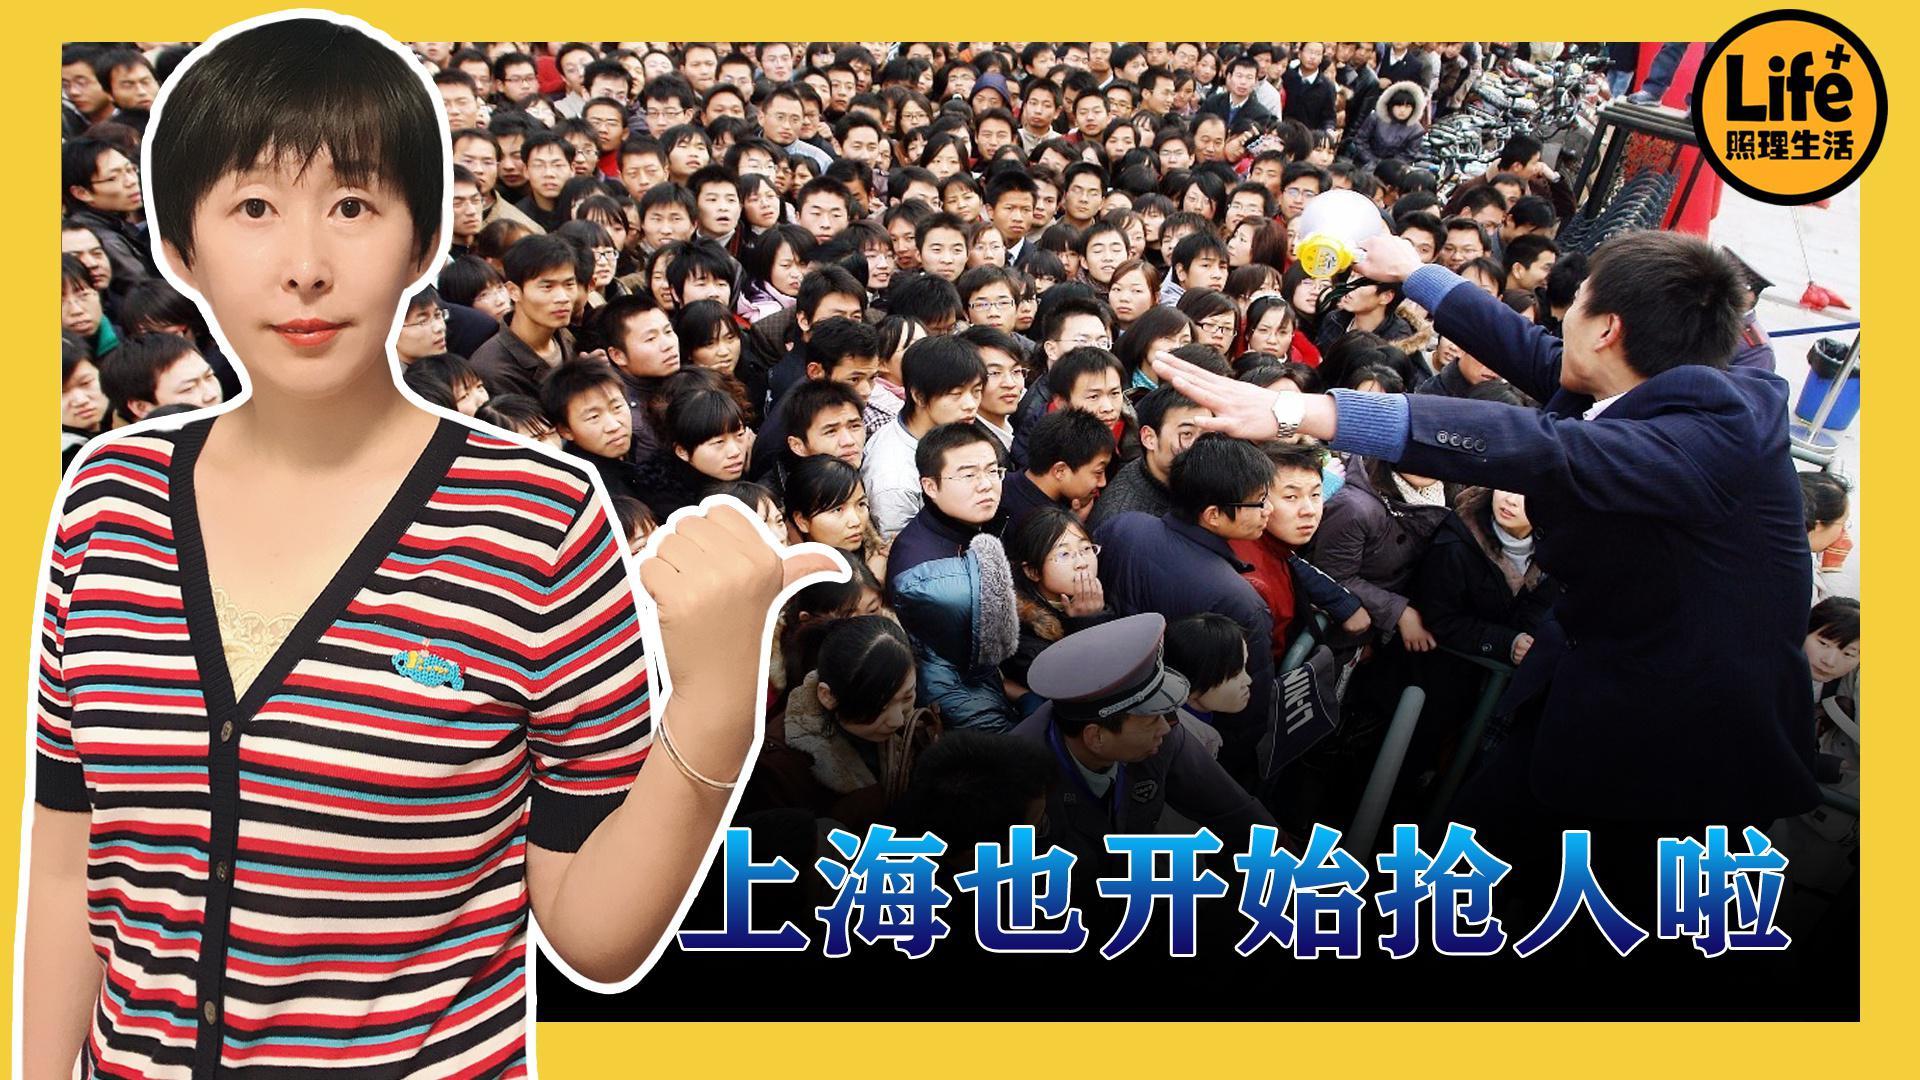 上海开始抢人了!新规释放哪些红利,背后说明了什么问题